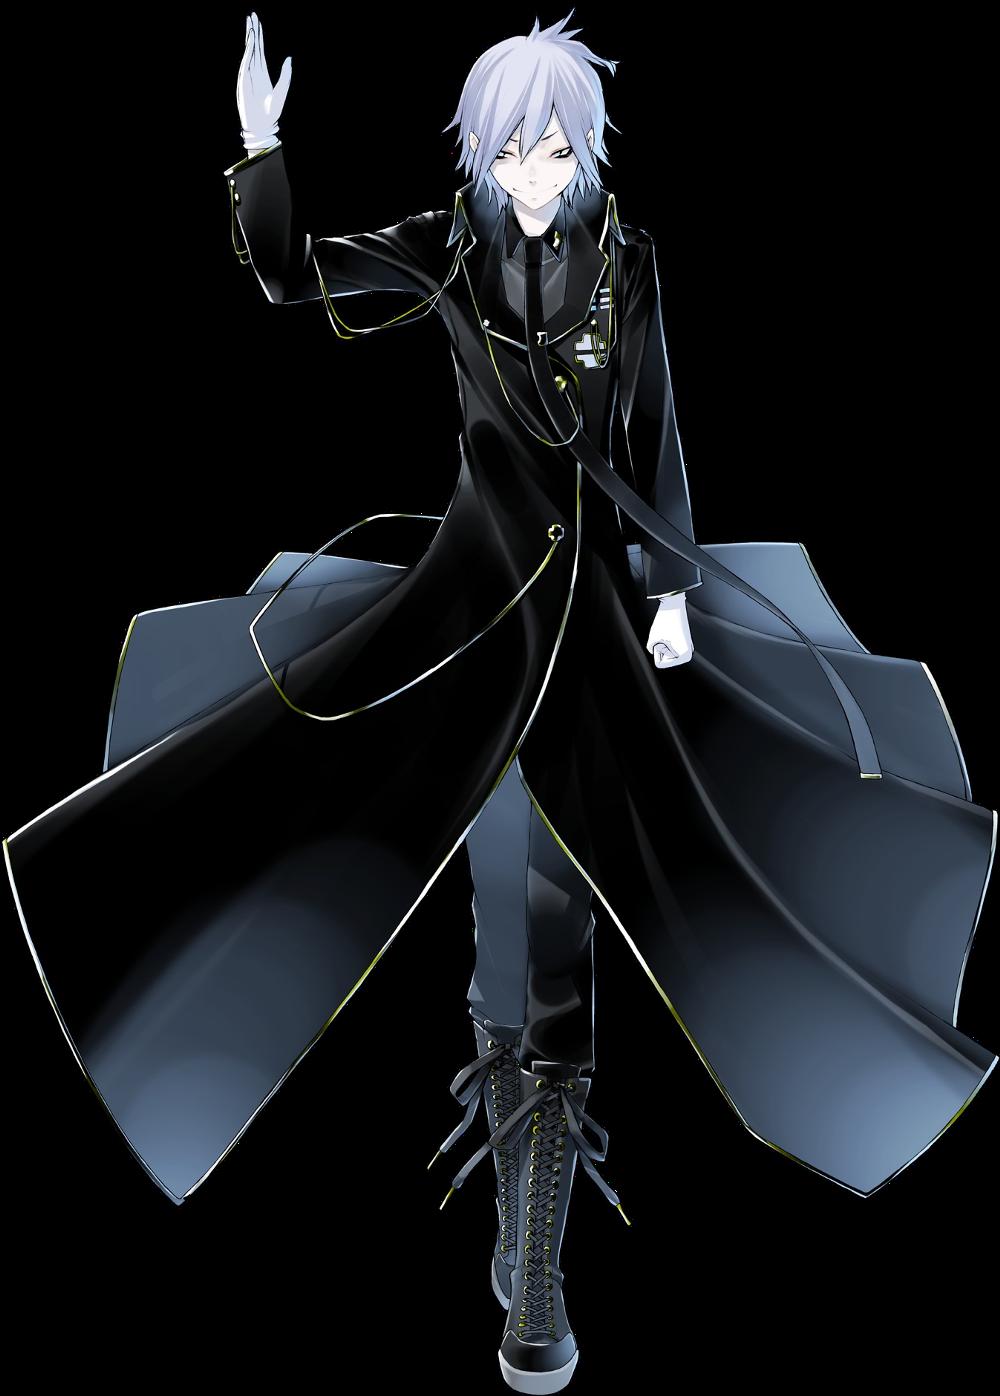 Yamato Hotsuin Devil, Anime and Shin megami tensei